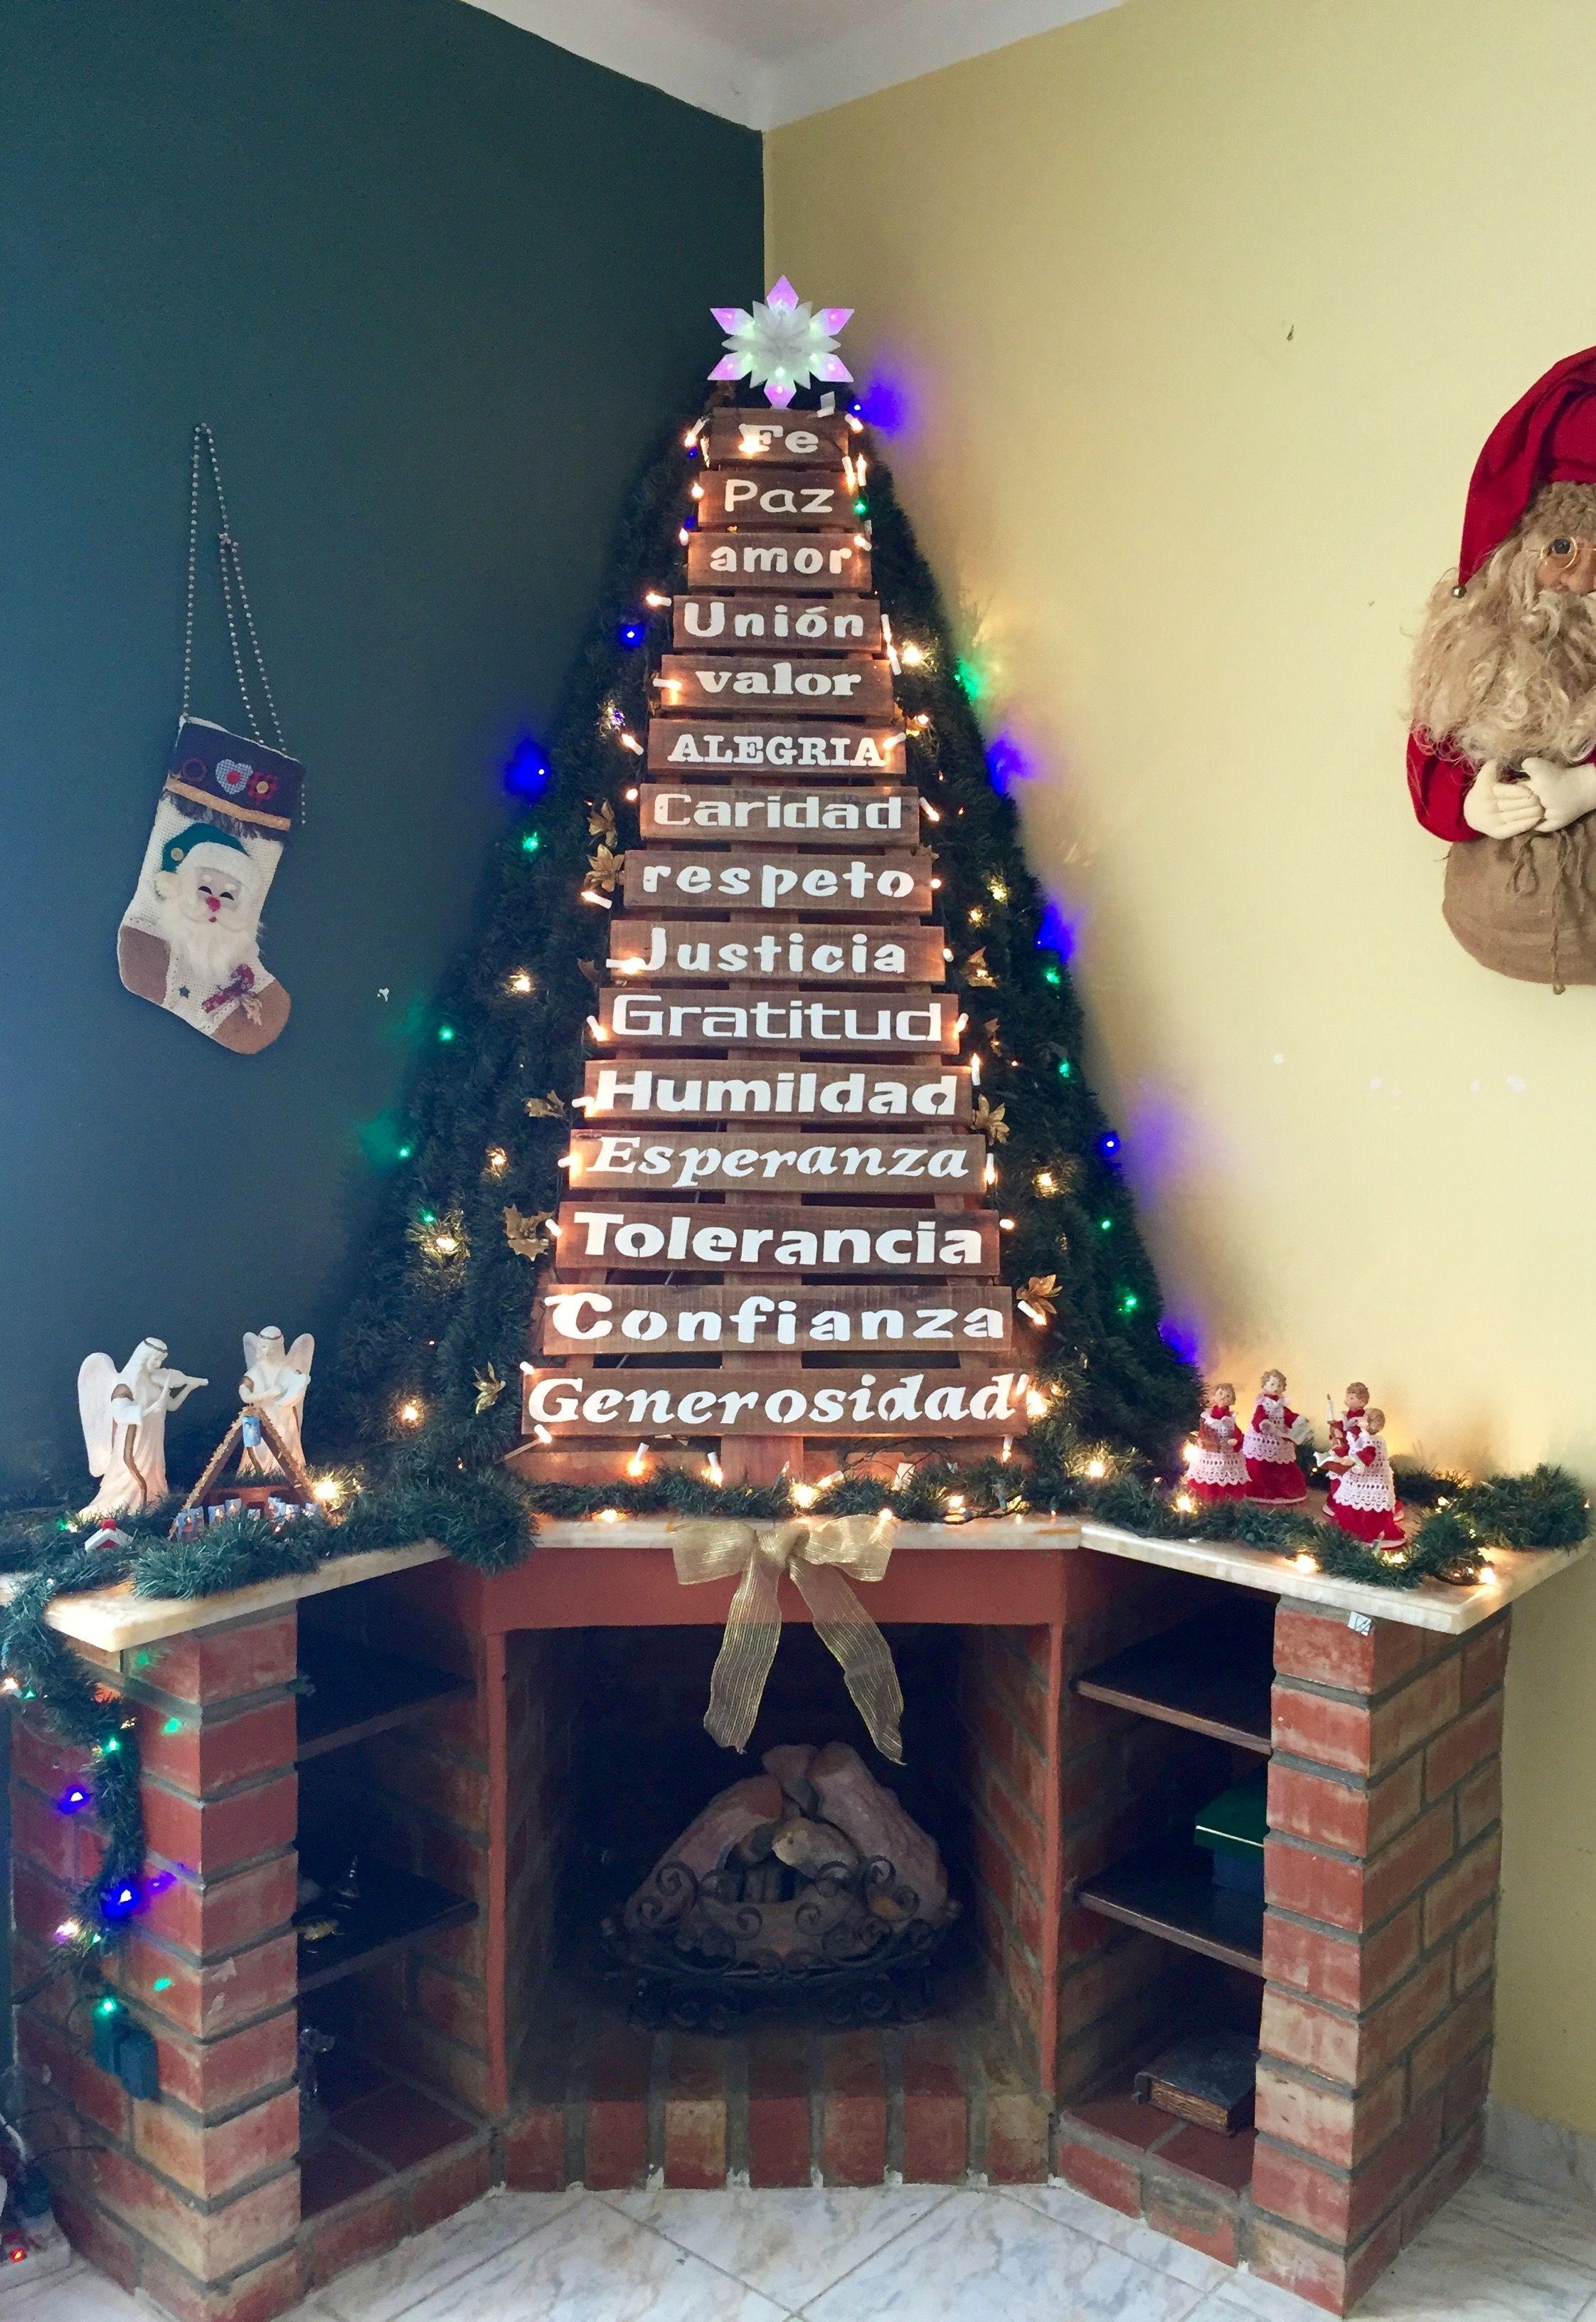 Navidad Chimenea Con Arbol Hecho En Madera Reciclada Arbol De Navidad Pared Decoraciones Rusticas De Navidad Decoraciones De Fiesta De Navidad